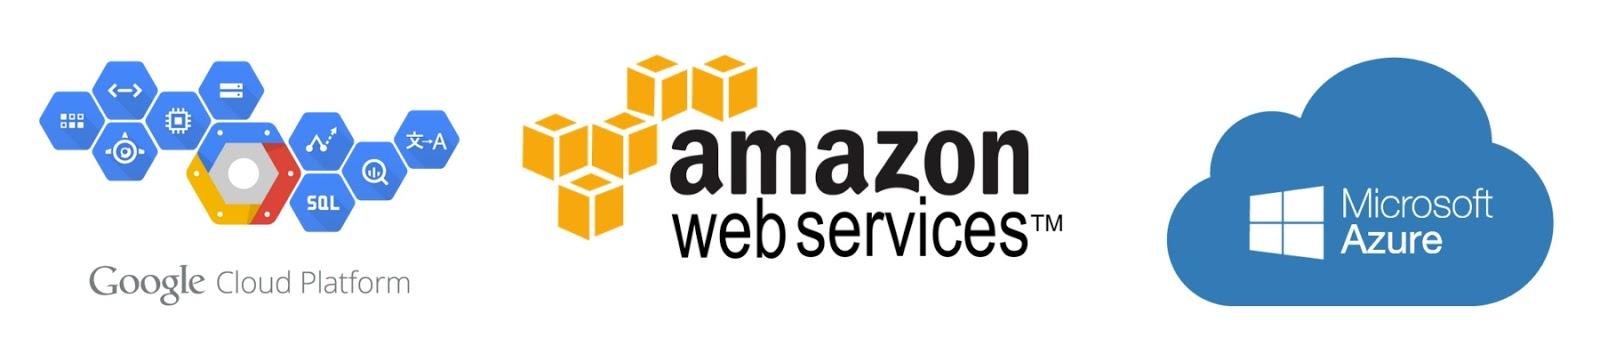 [Из песочницы] Легкий тест производительности облачных платформ AWS, Google Cloud и Microsoft Azure